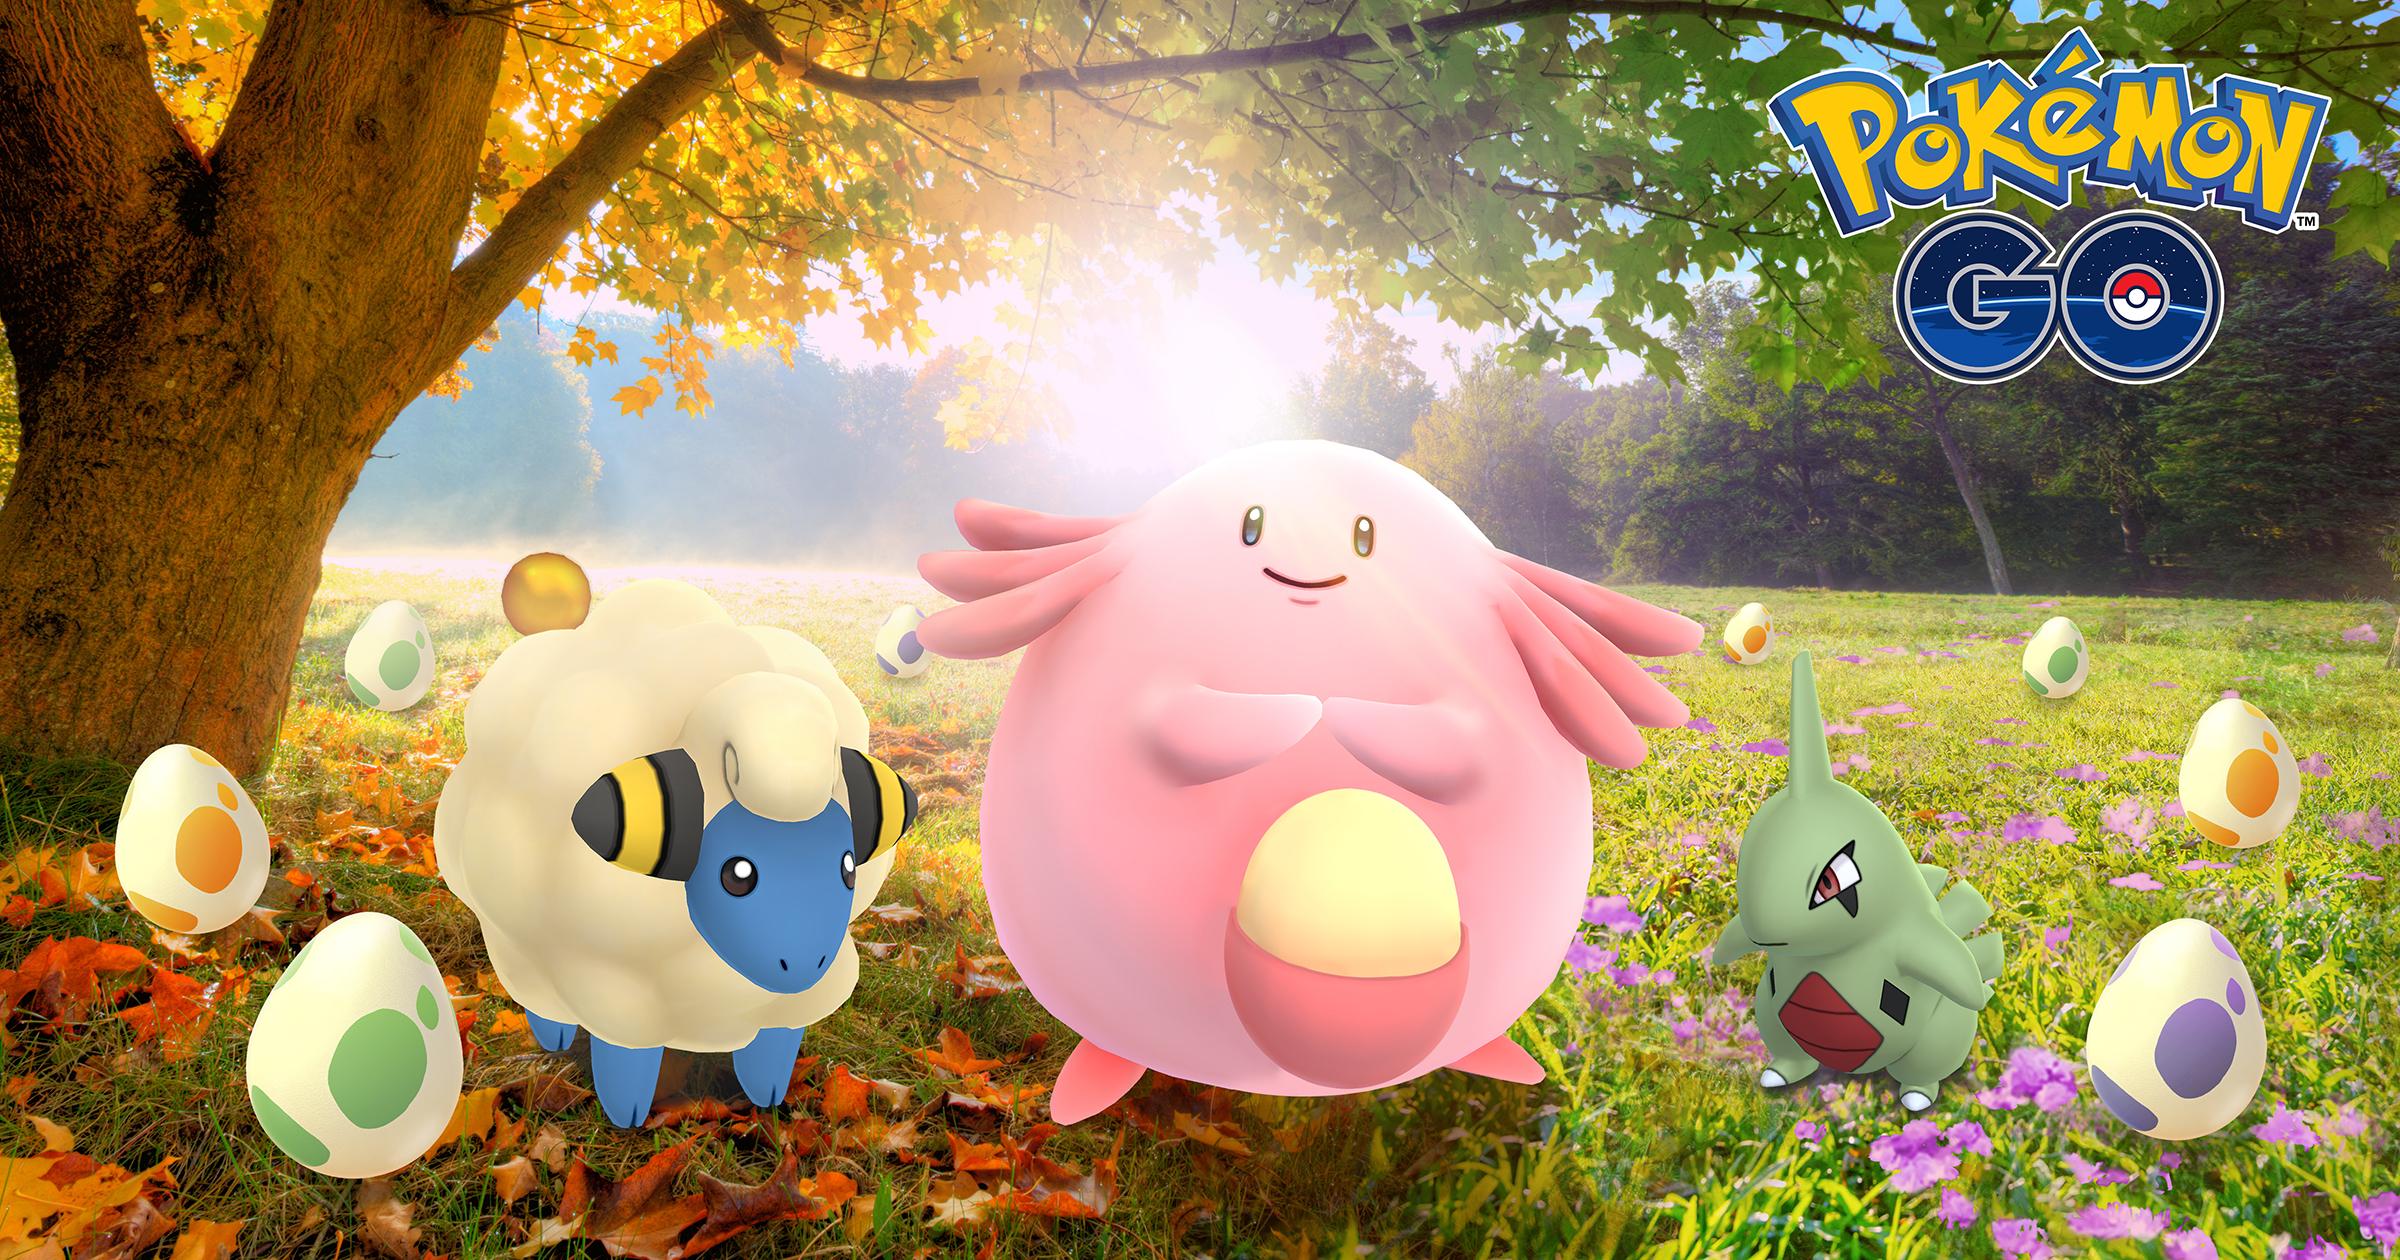 Pokémon GO Announces Equinox Event